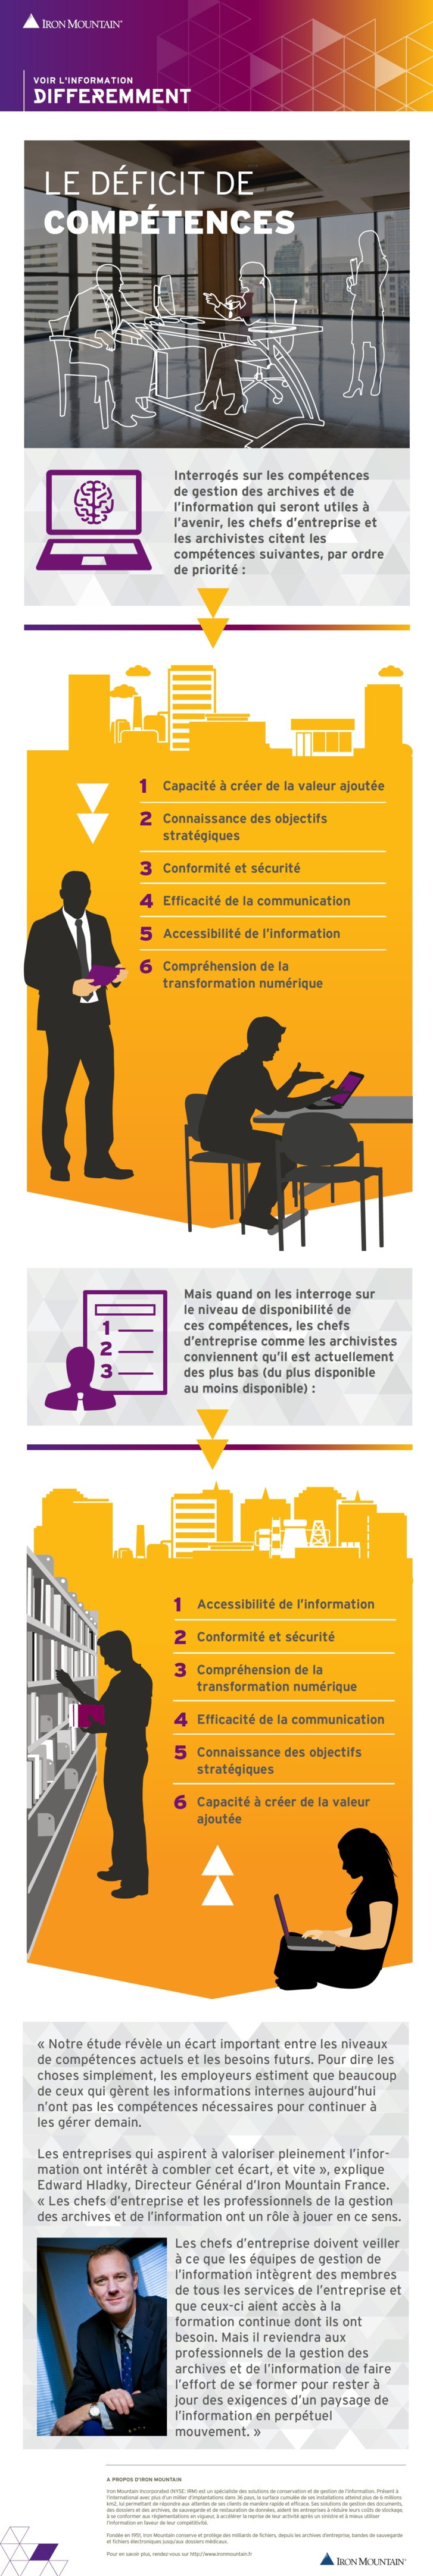 Les dirigeants identifient un déficit de compétences des salariés chargés de gérer l'information